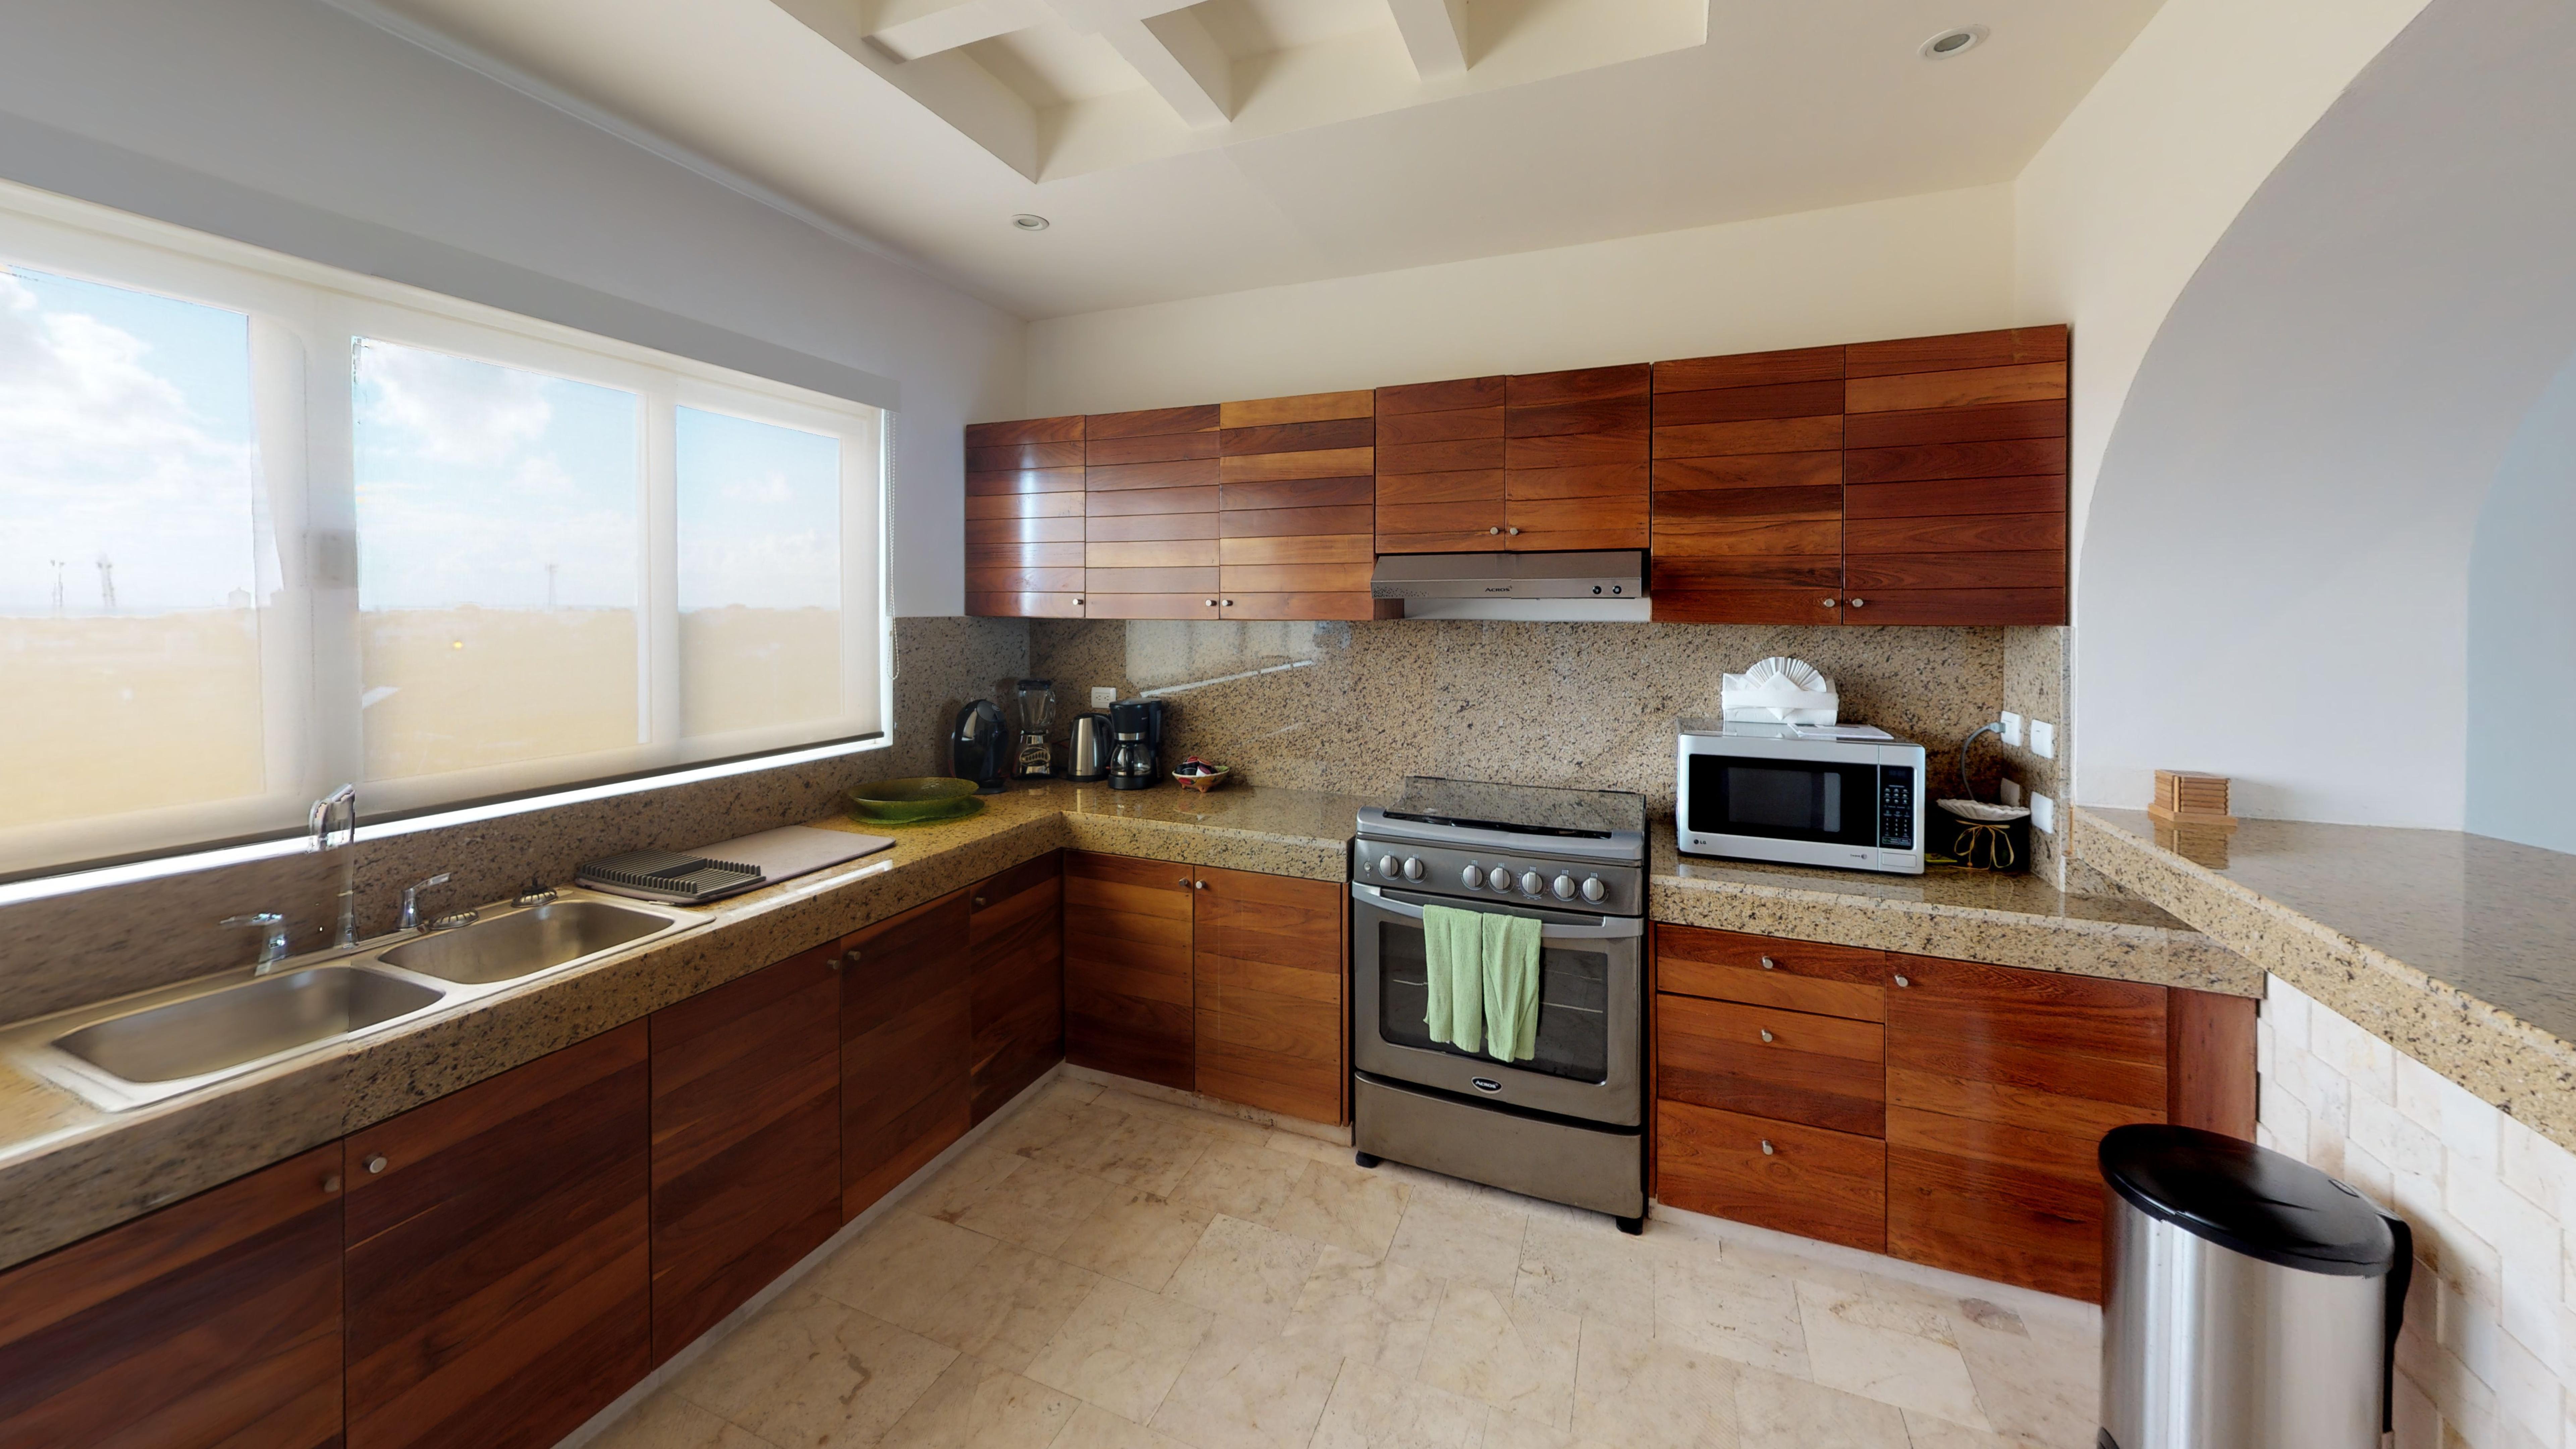 Apartament-1202-Kitchen.jpg